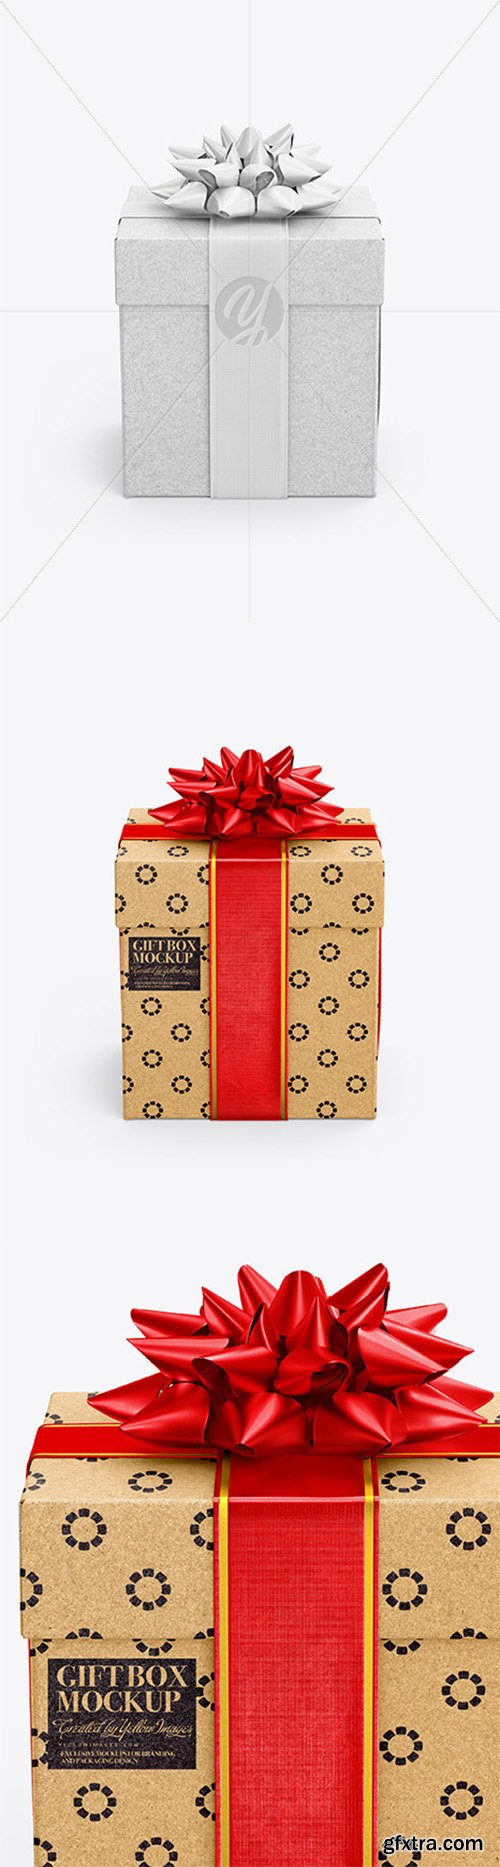 13+ Gift Box Mockup Background